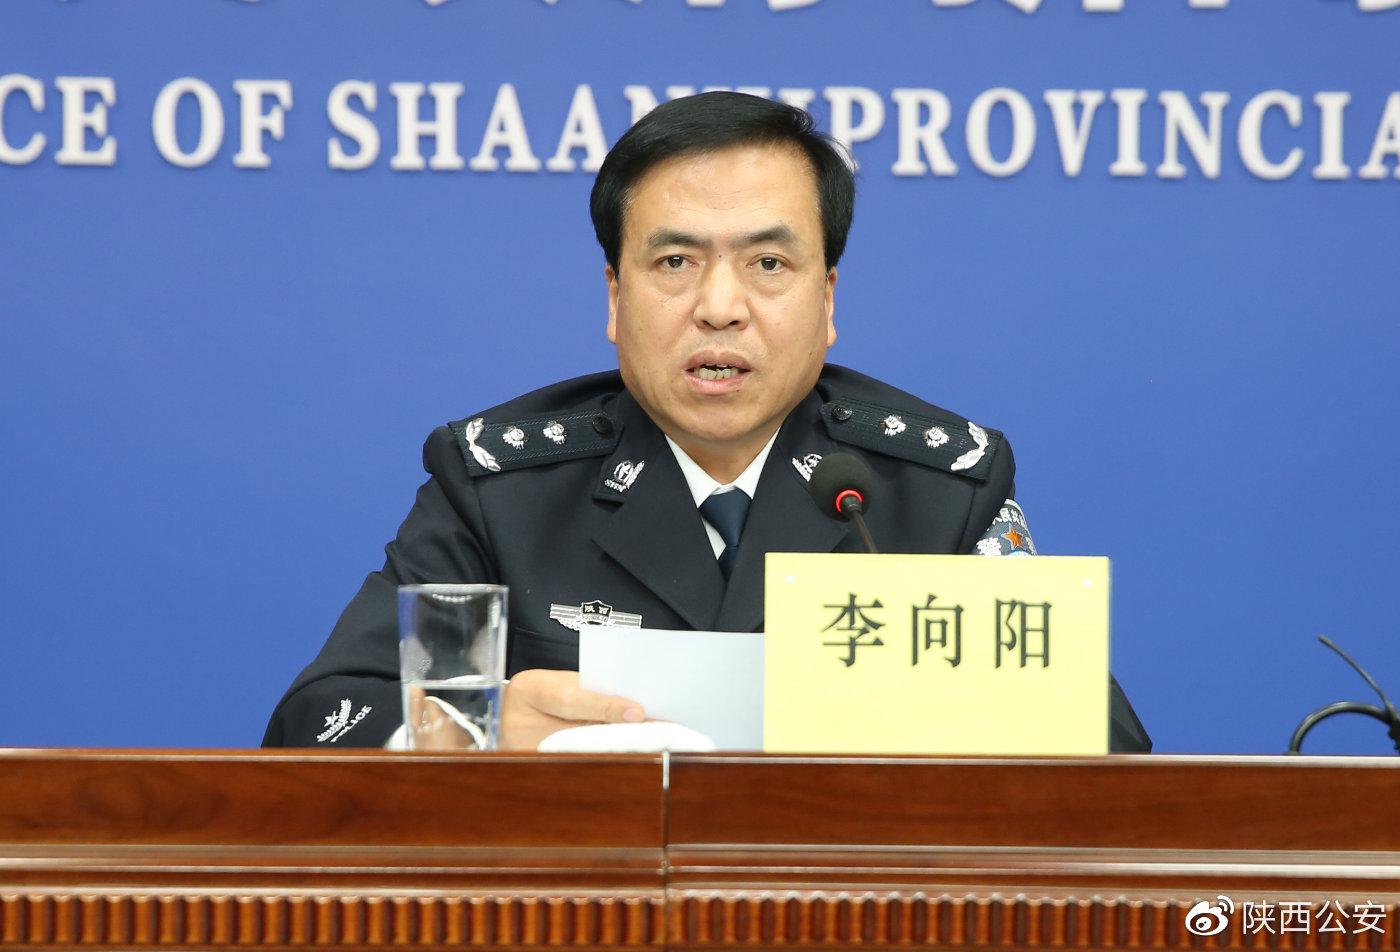 陕西破获食品、药品、环境犯罪案件956起,抓获1440人